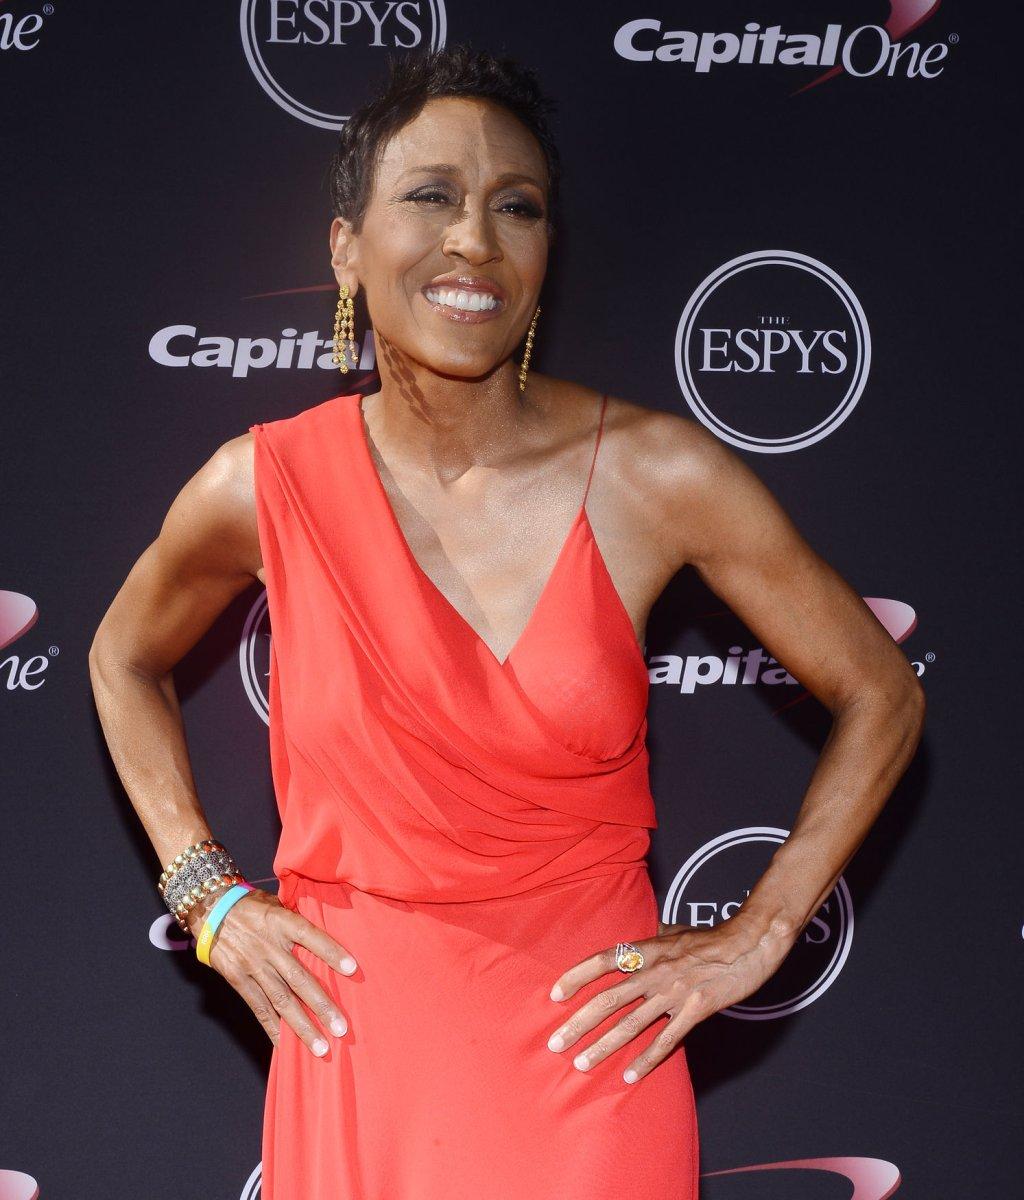 Robin Roberts, Tyson Beckford to host Oscars red carpet show - UPI.com